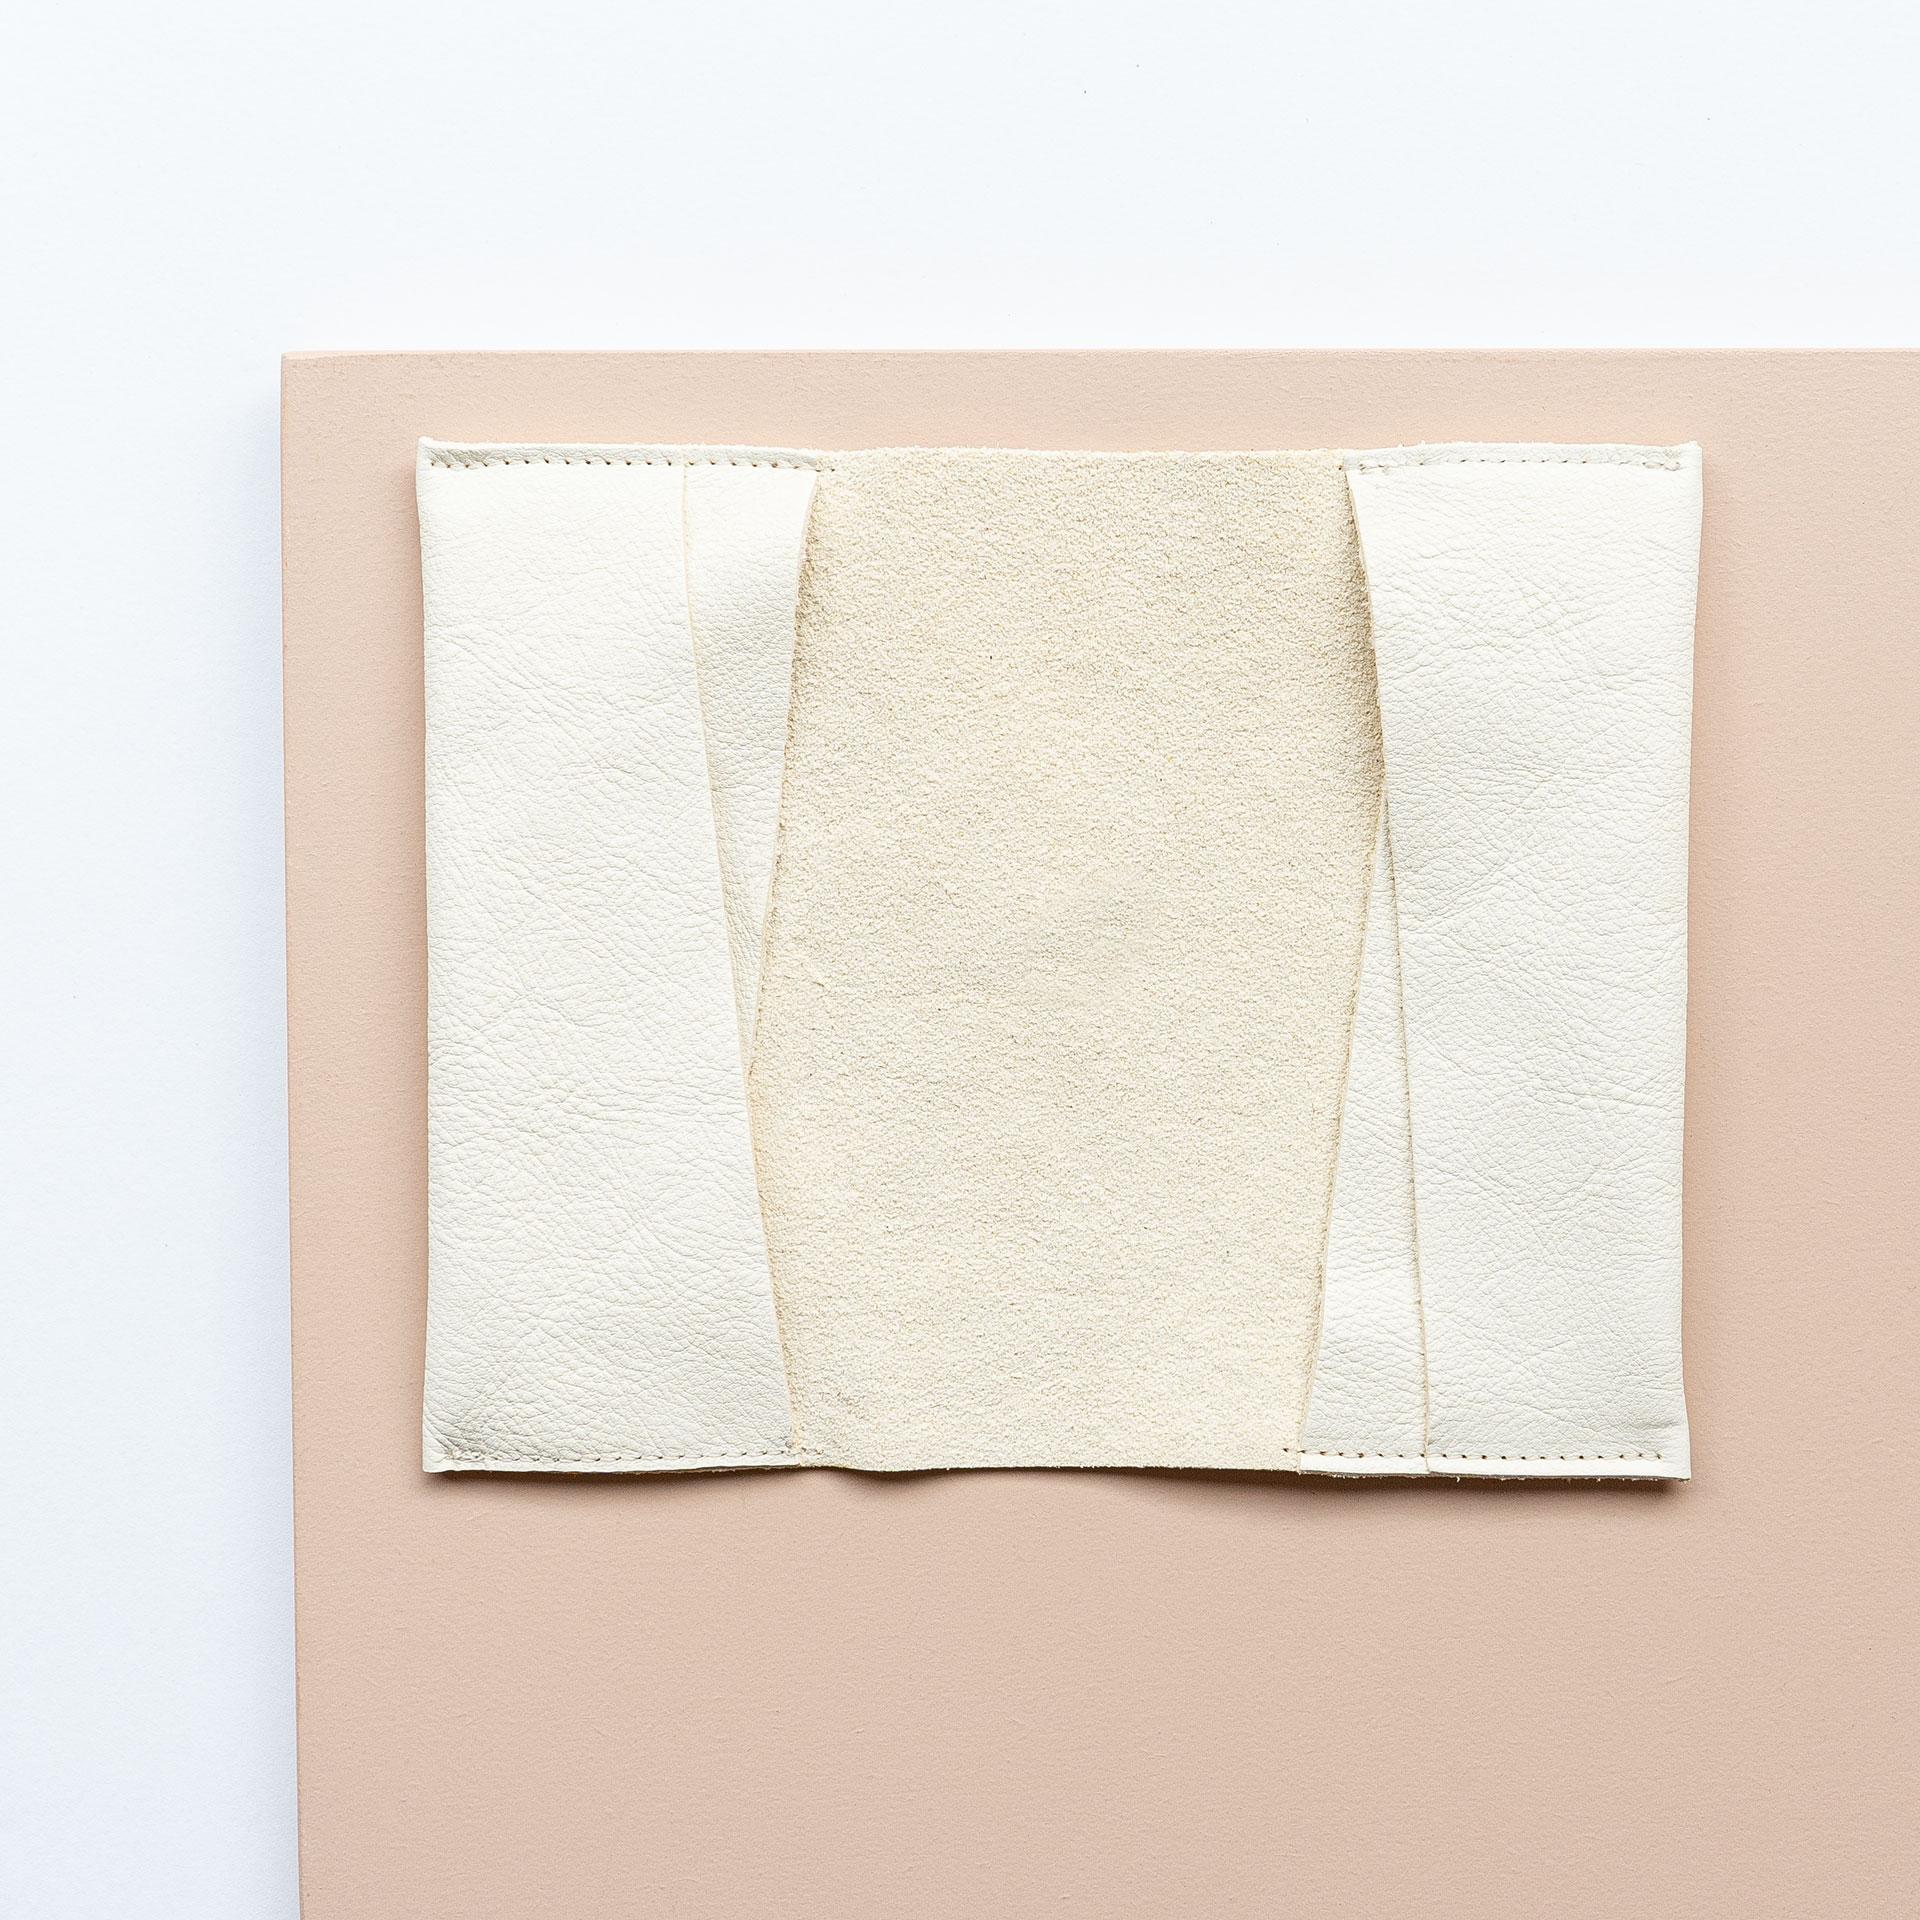 Mutter-Kind-Pass-Huelle-Oesterreich-Naturleder-Franziska-Klee-creme-aufgeklappt